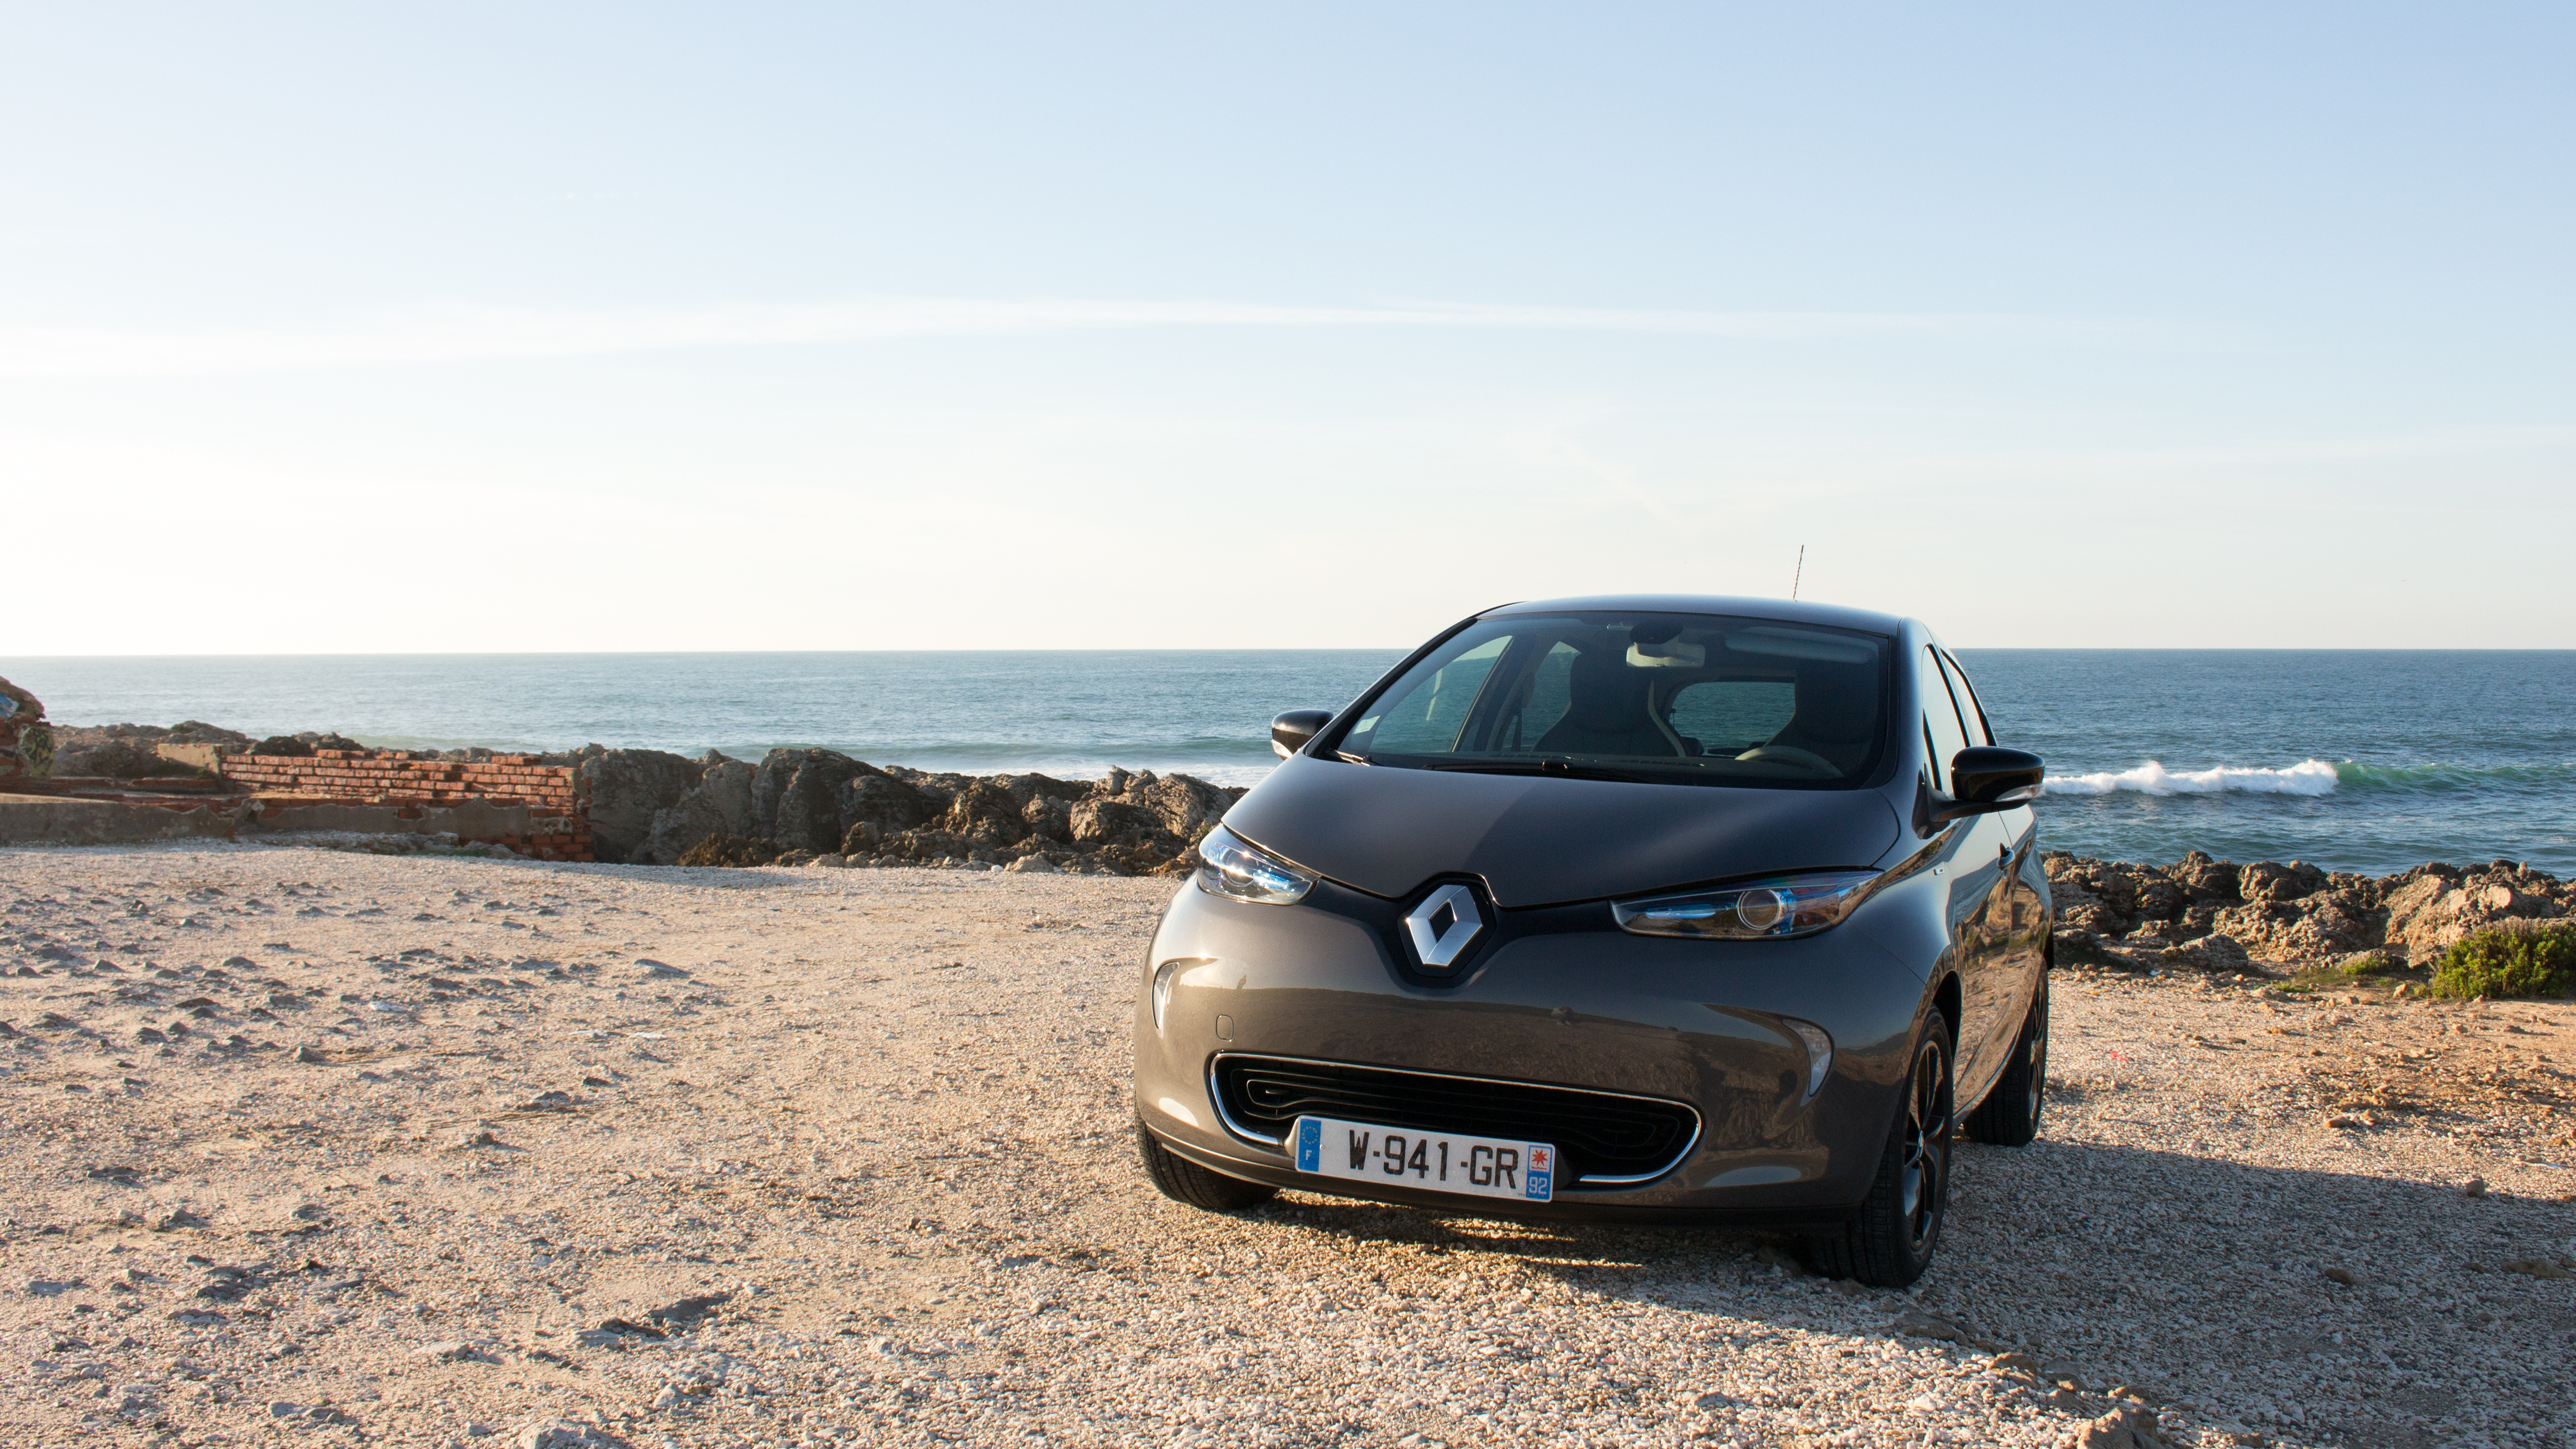 Testbericht Renault Z.E. 40 – Die schicke Französin fährt nun doppelt so weit